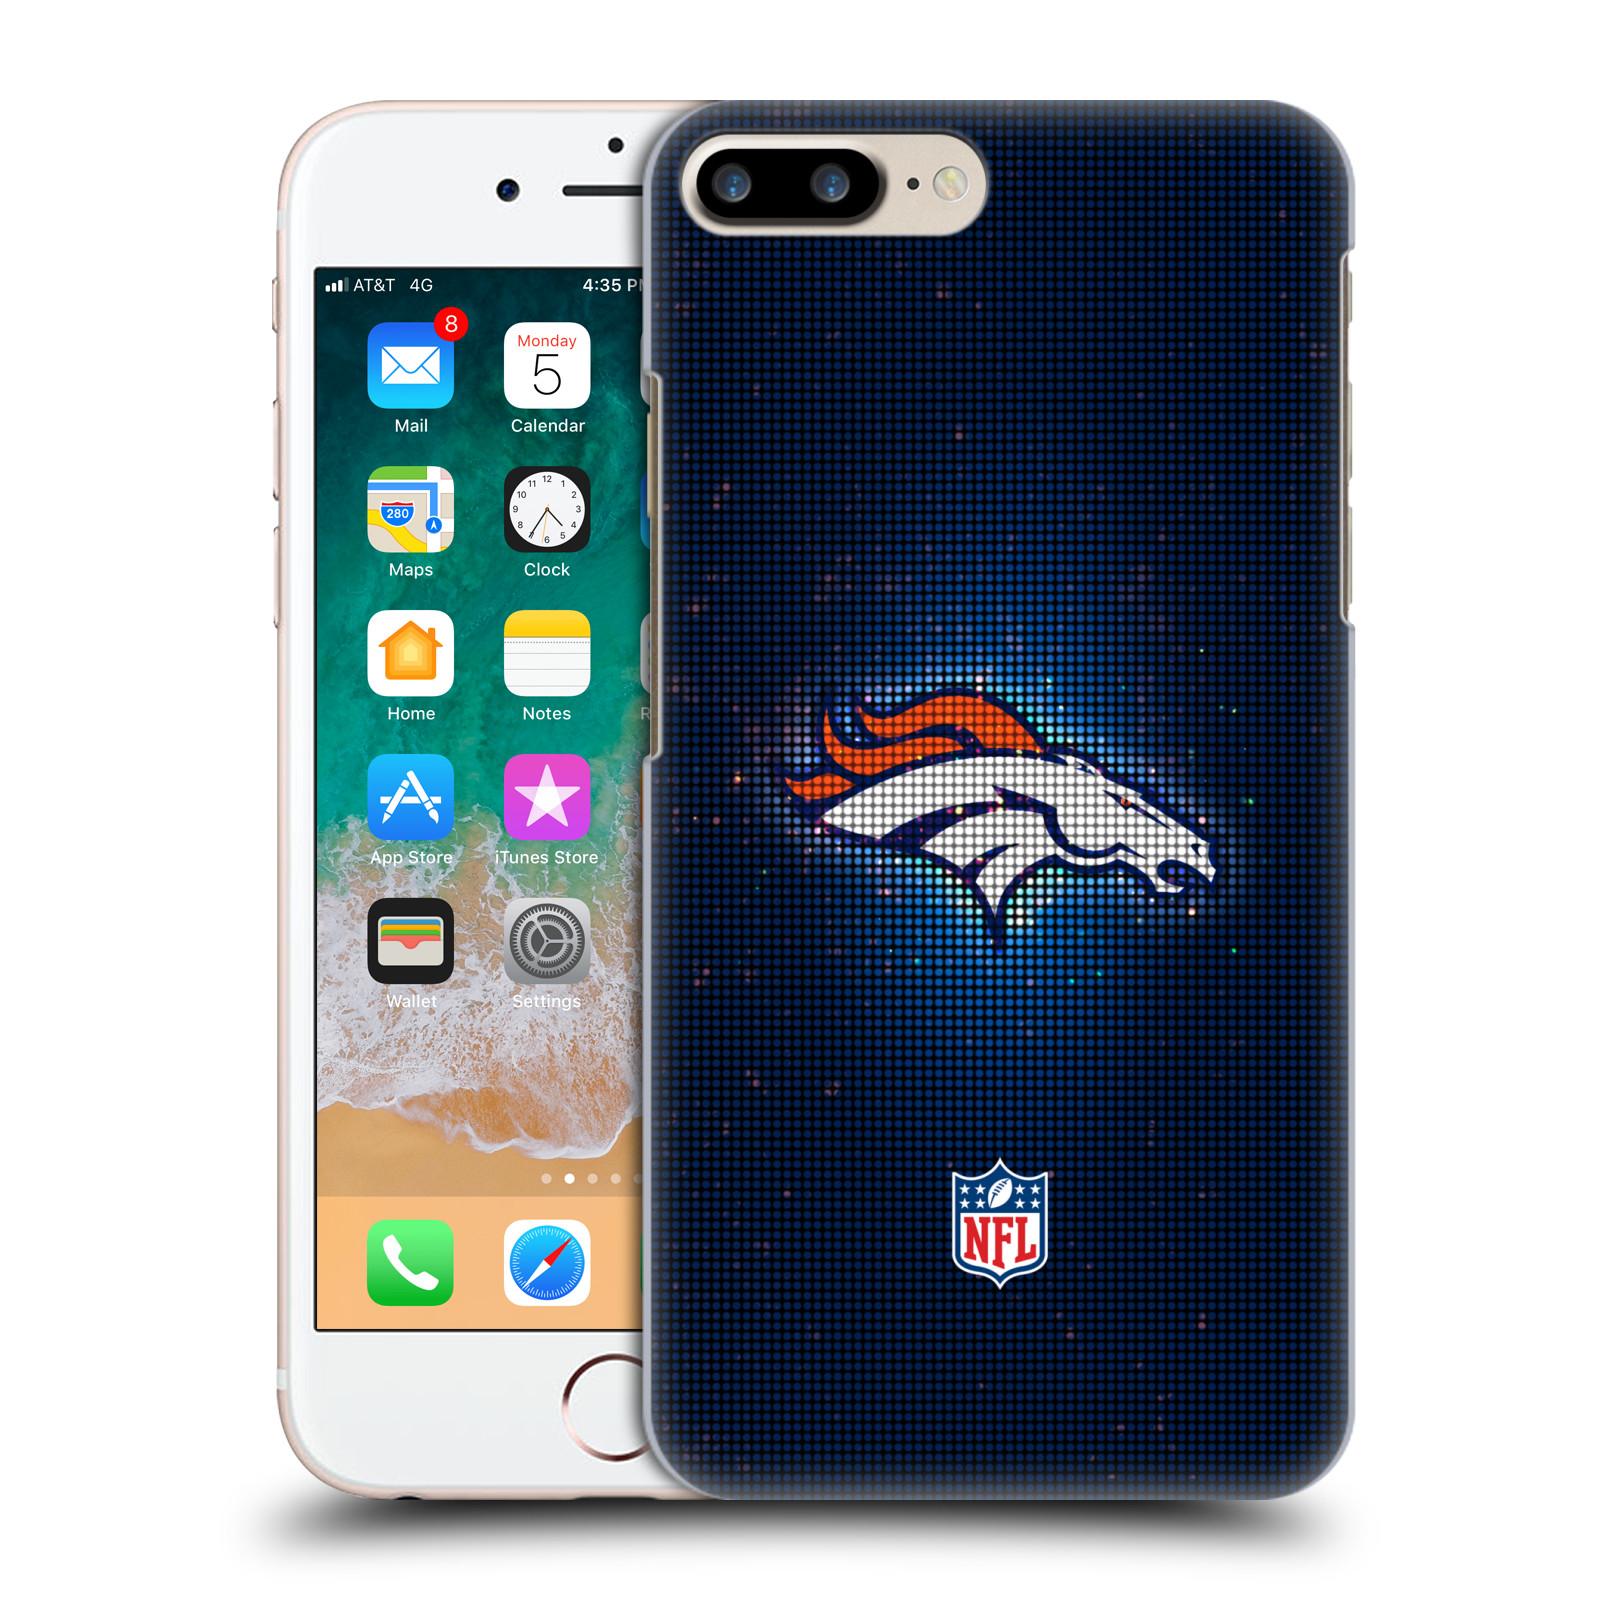 OFFICIAL NFL 2017/18 DENVER BRONCOS HARD BACK CASE FOR APPLE IPHONE PHONES